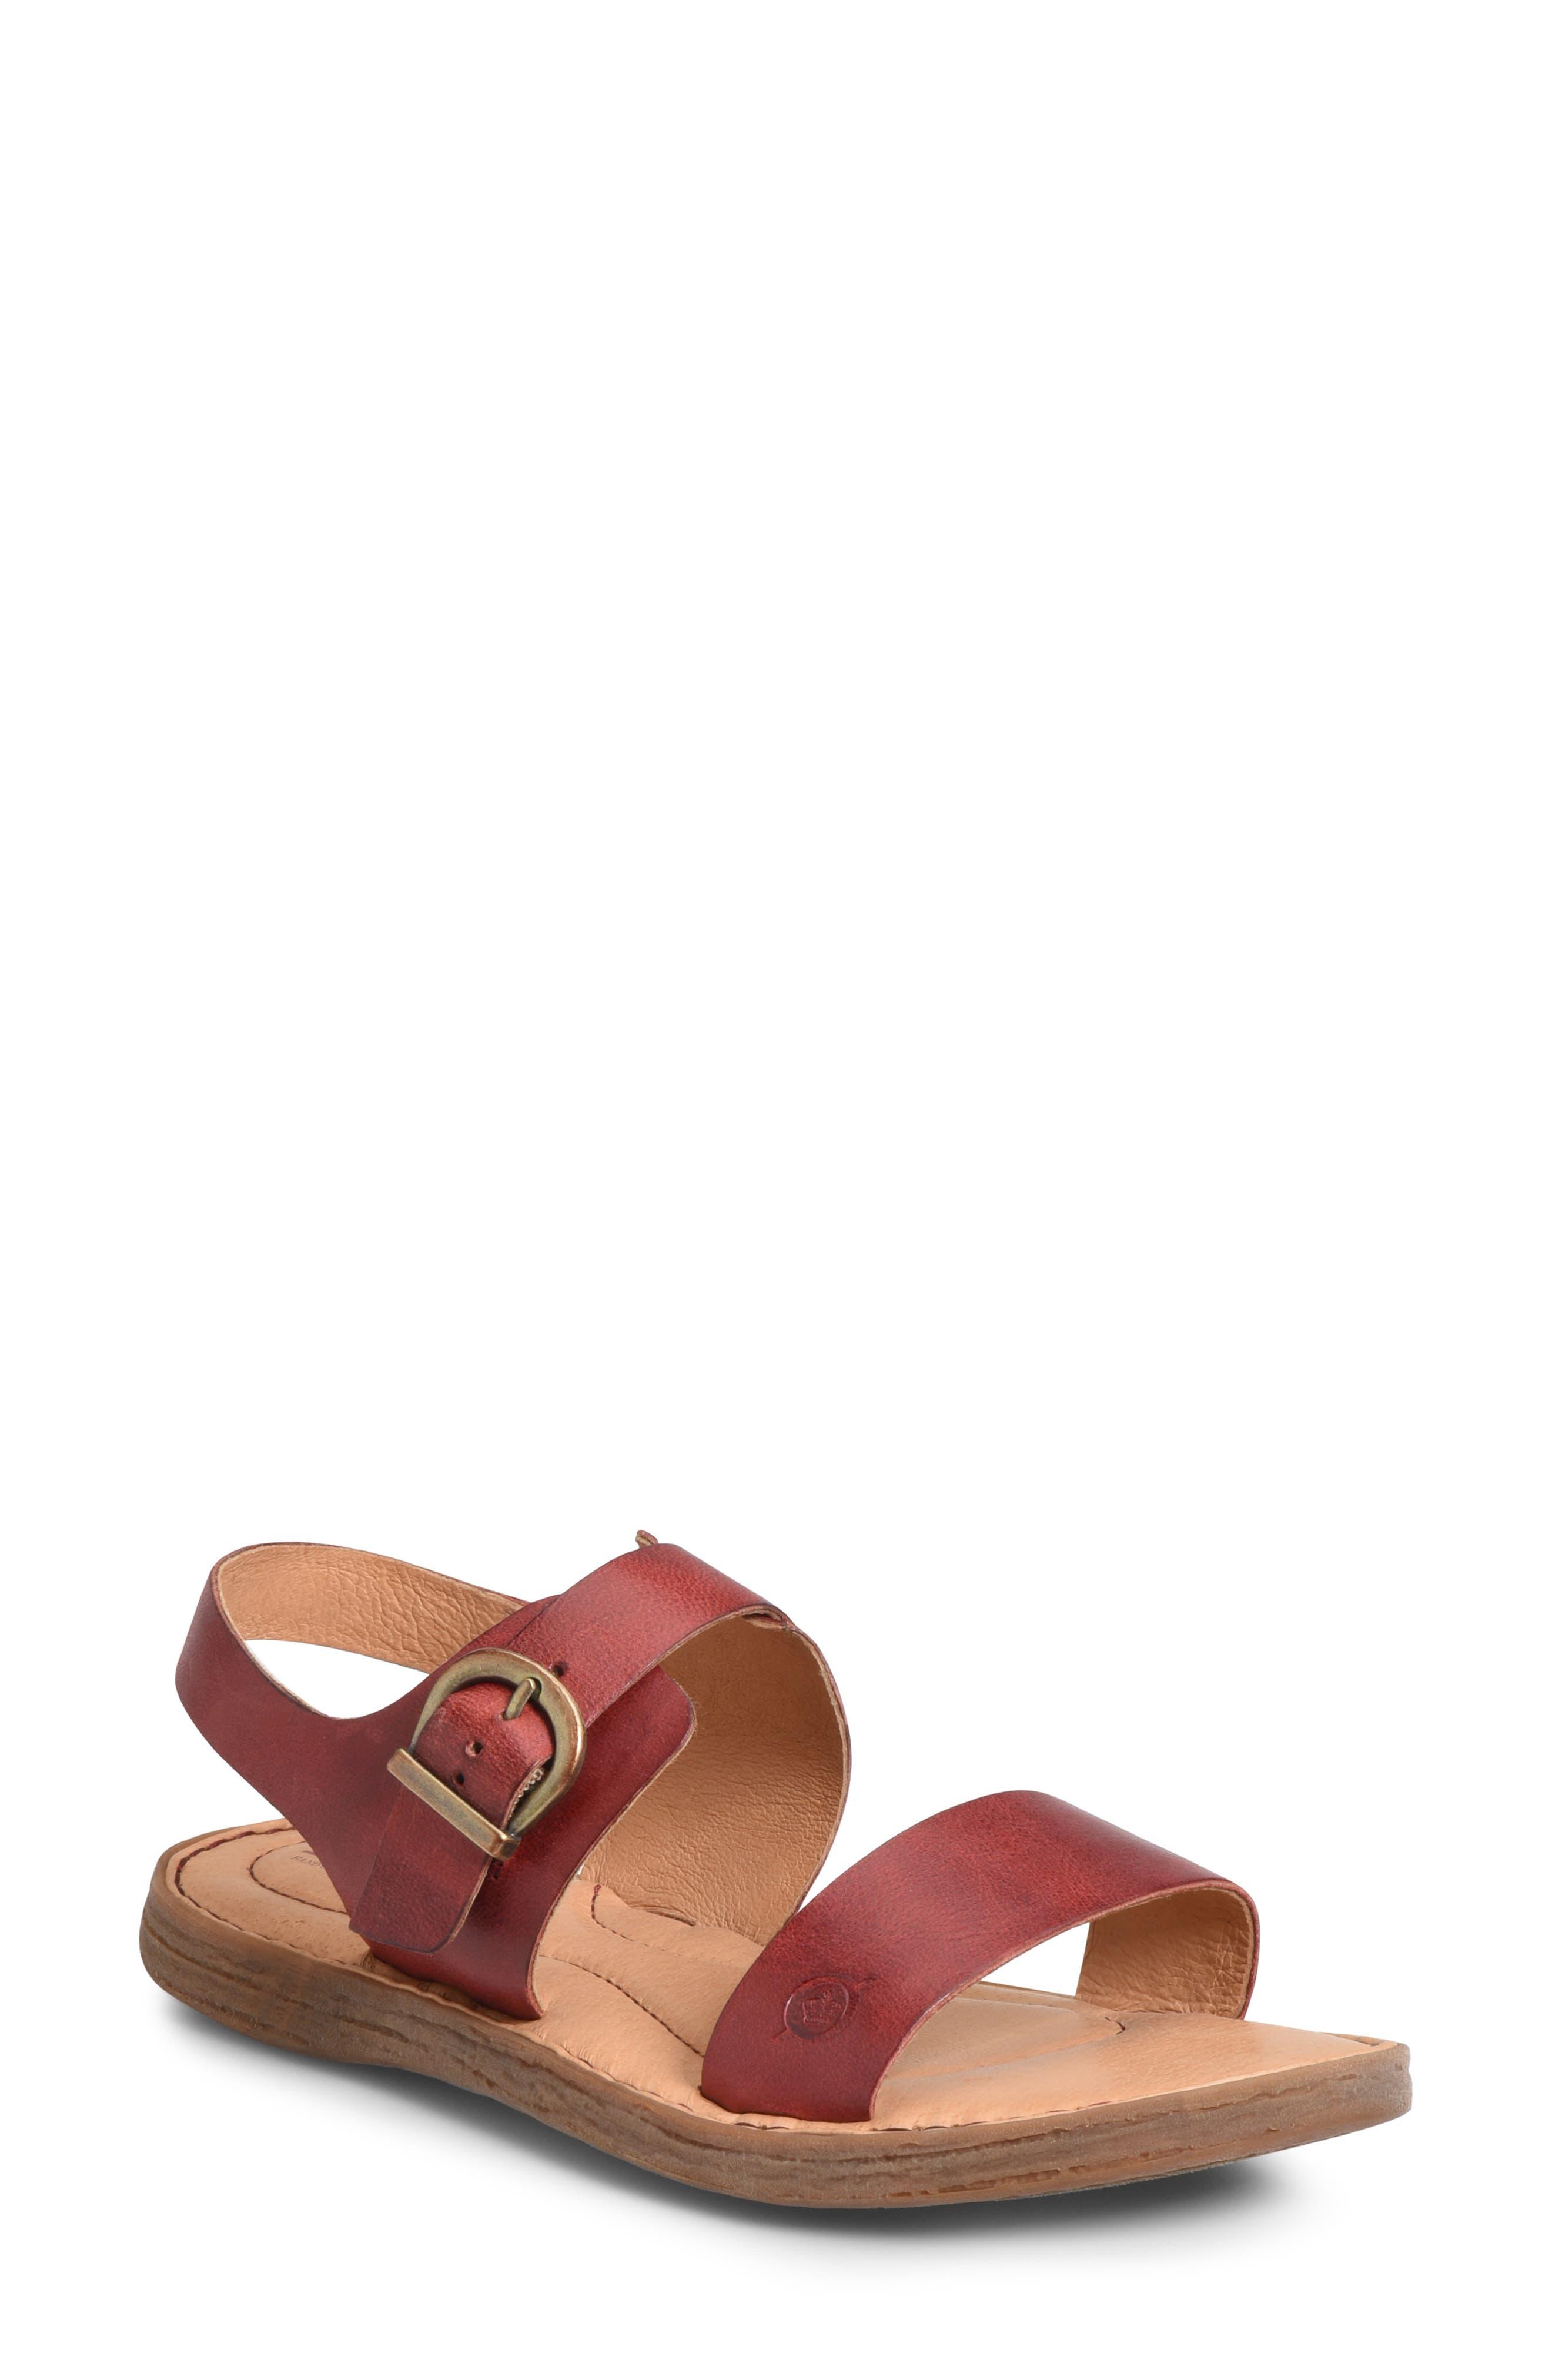 B?rn Selway Sandal, Red